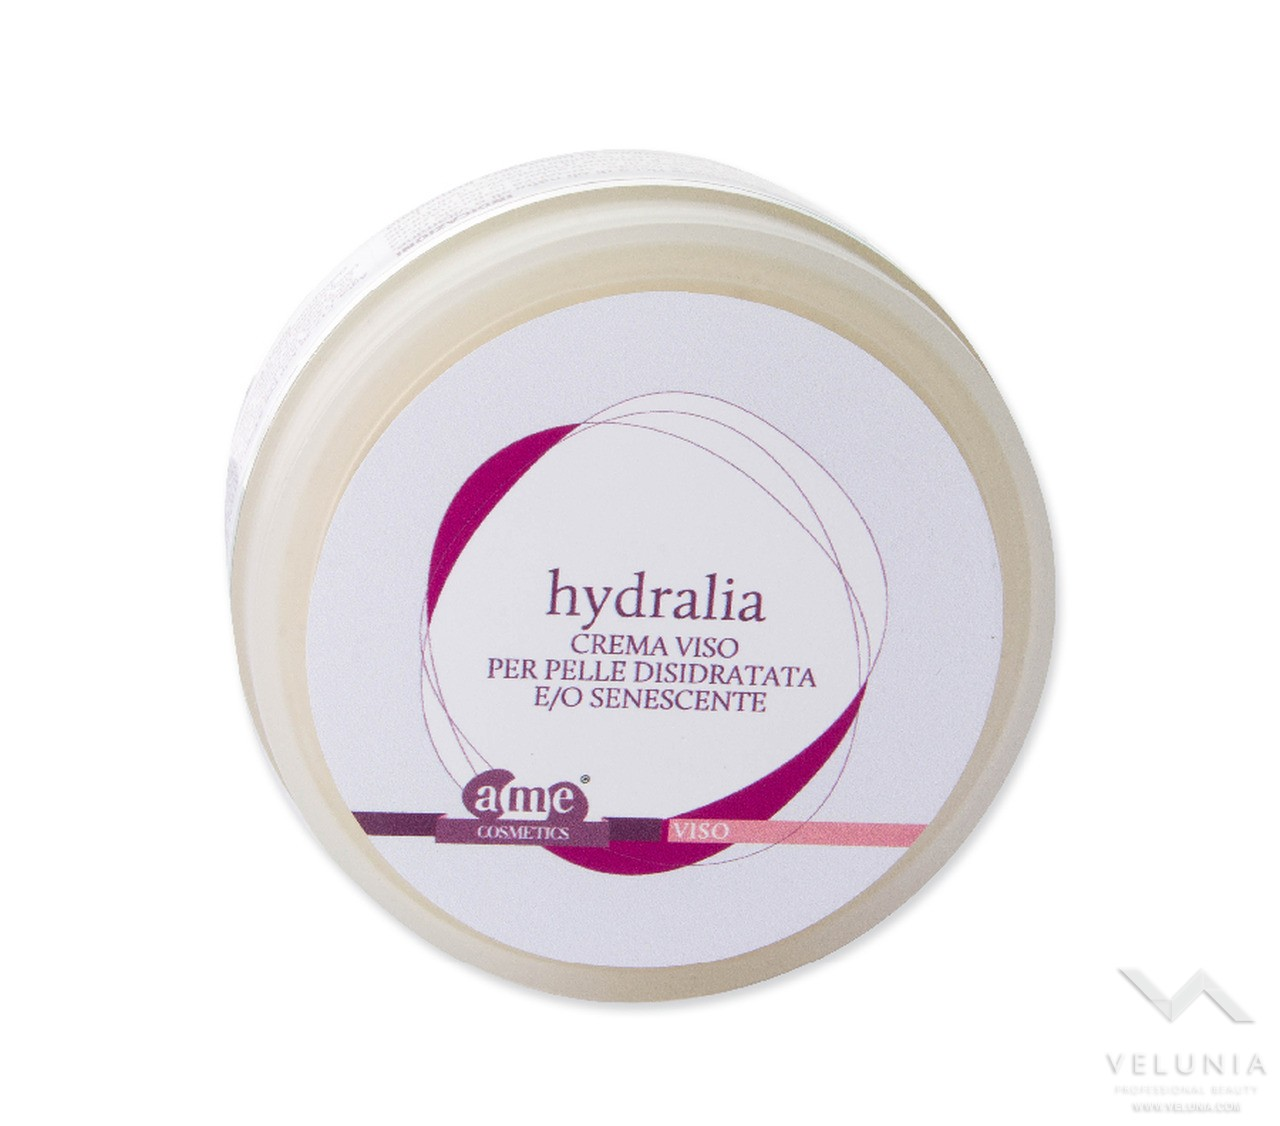 crema viso per pelli mature e disidratata hydralia 1